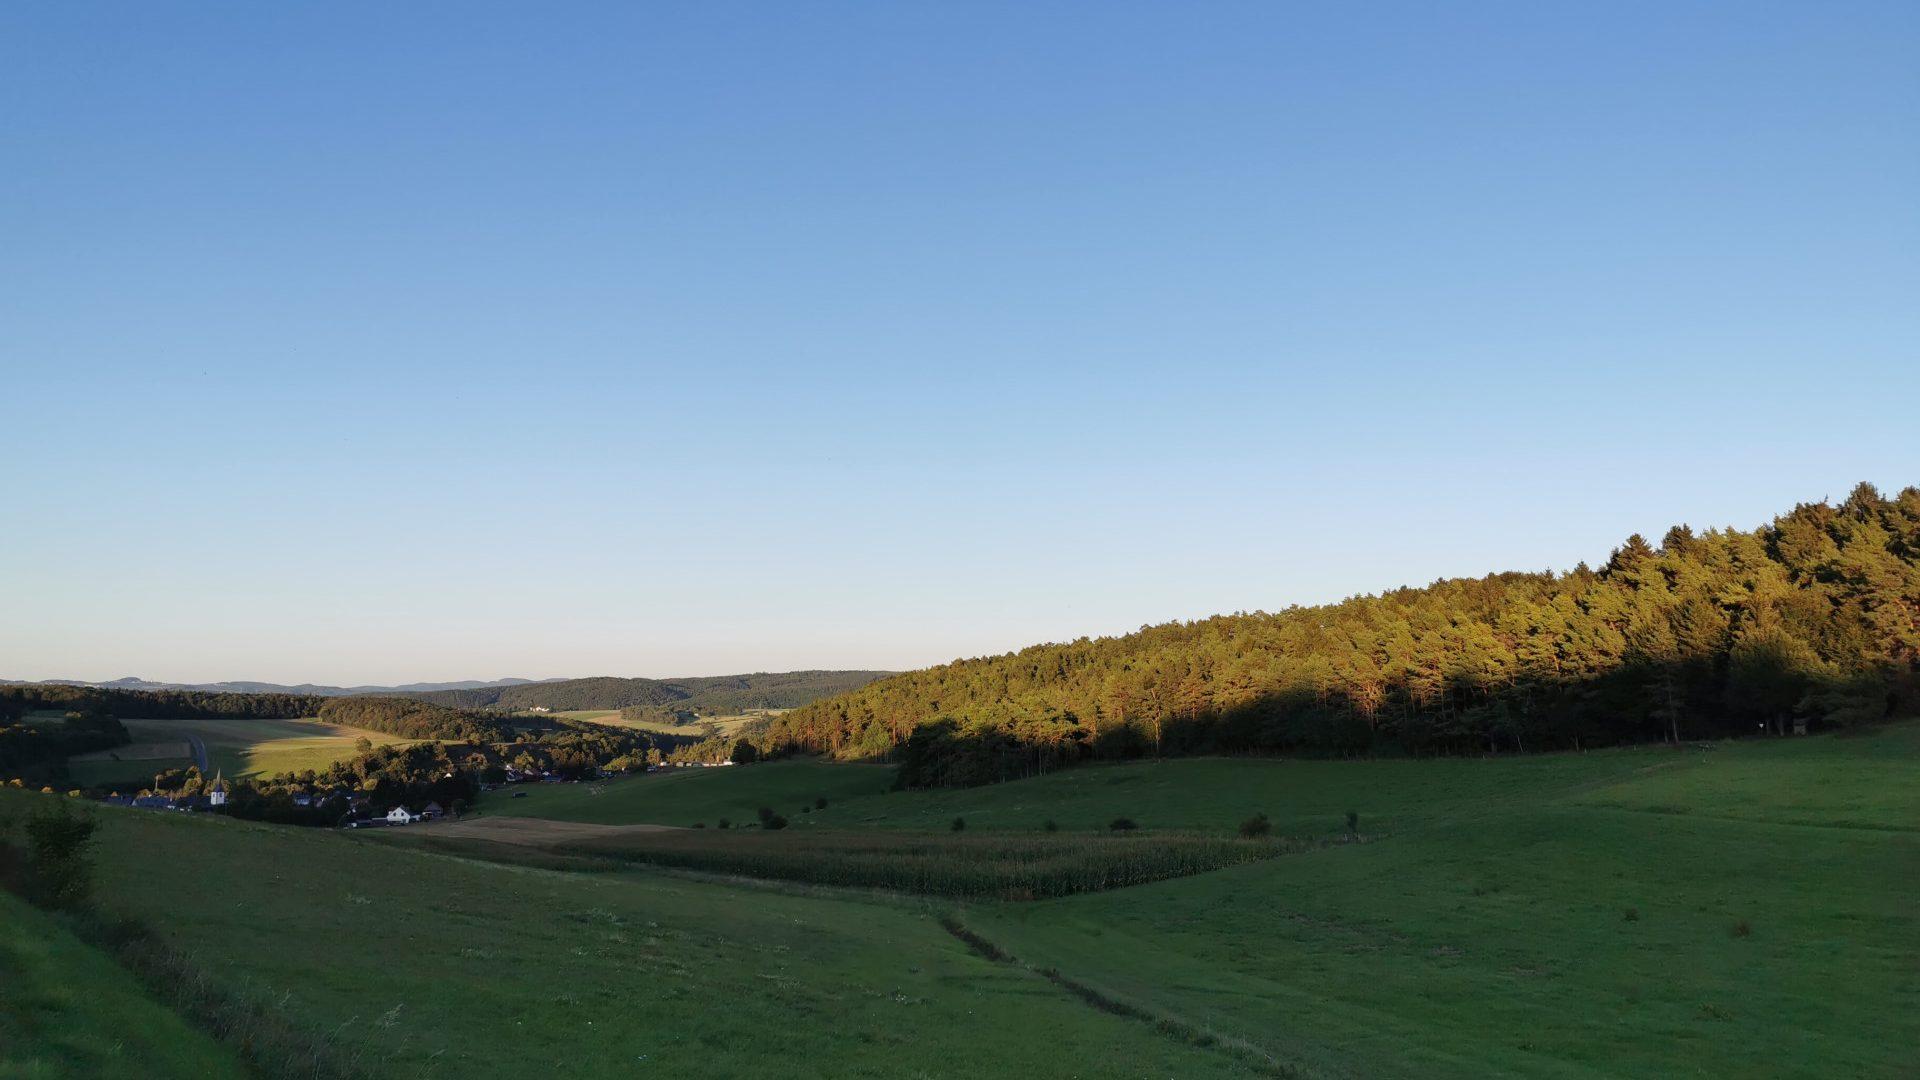 Ferienhaus-Landhaus-Loogh-Umgebung-unweit-von-Leimbach-oder-Adenau.